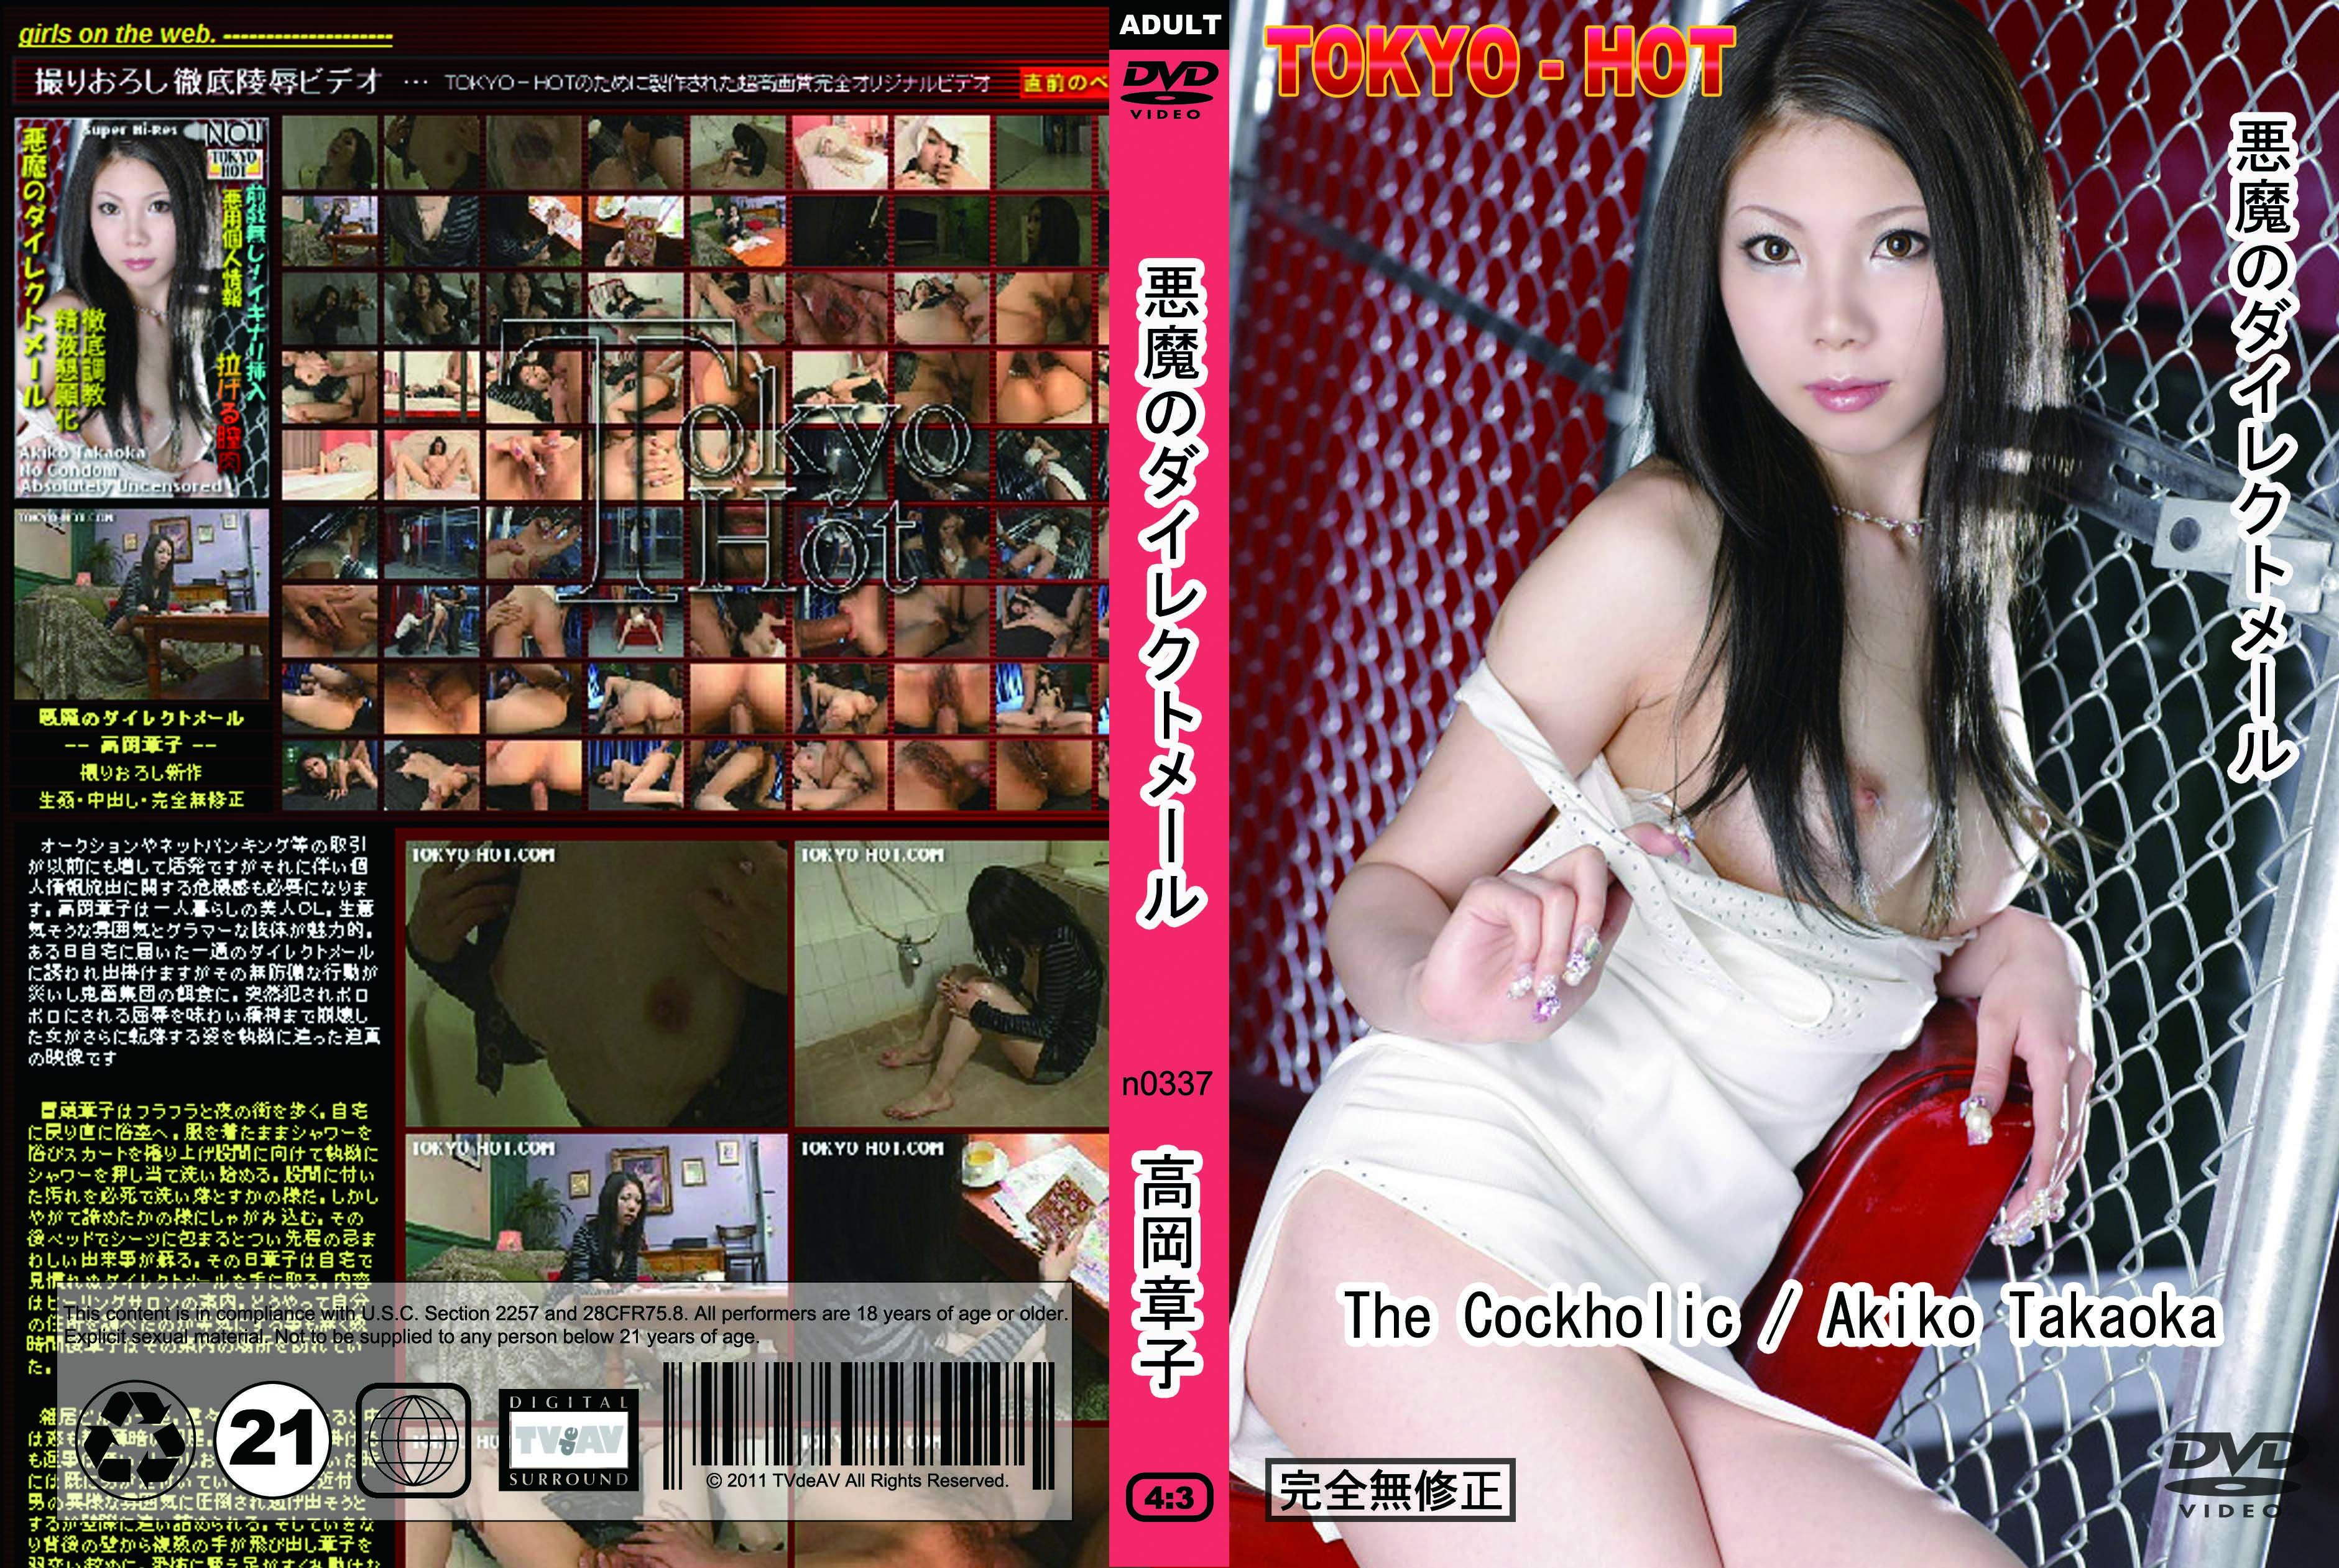 tokyo-hot-n0337-cd3-悪魔のダイレクトメール